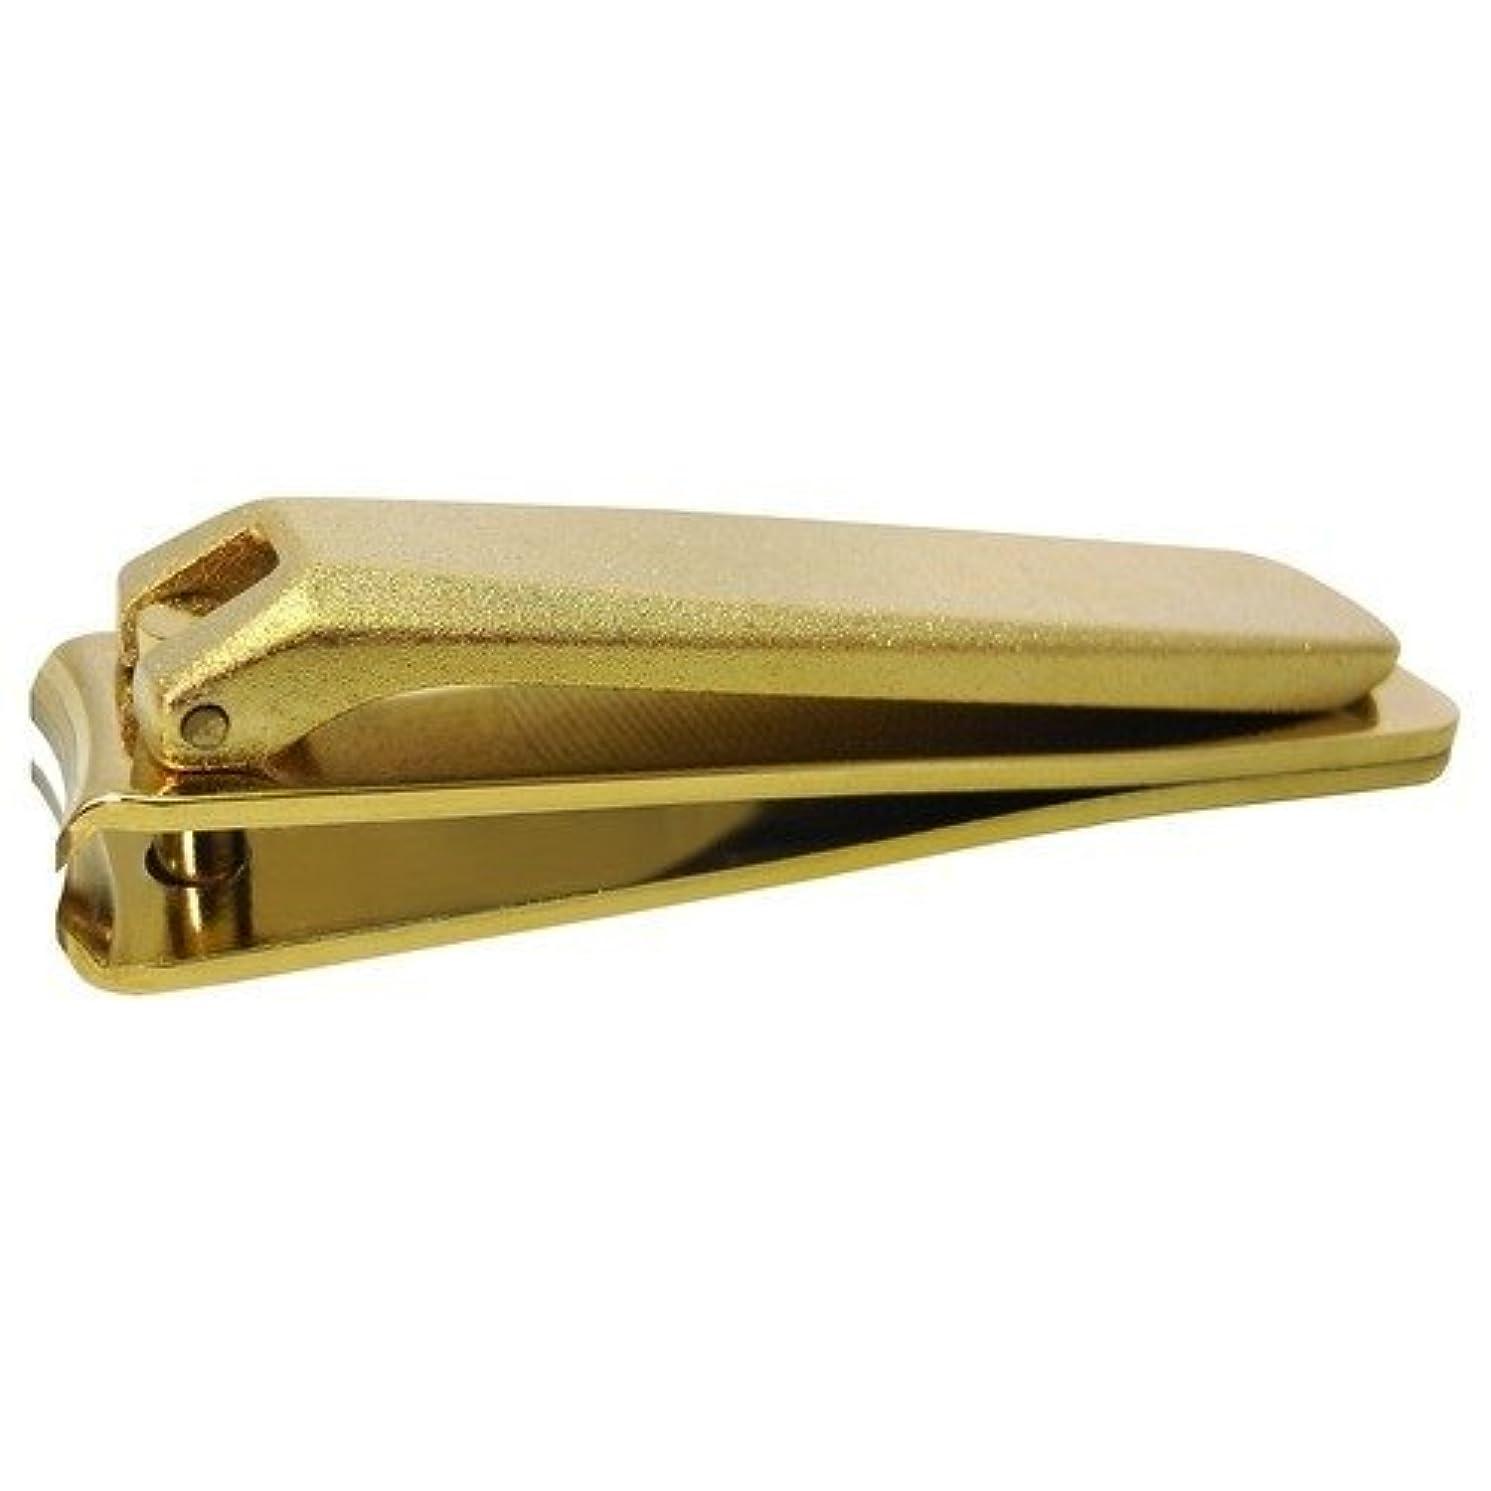 恩恵ミケランジェロ吸収するKD-029 関の刃物 ゴールド爪切 大 カバー無